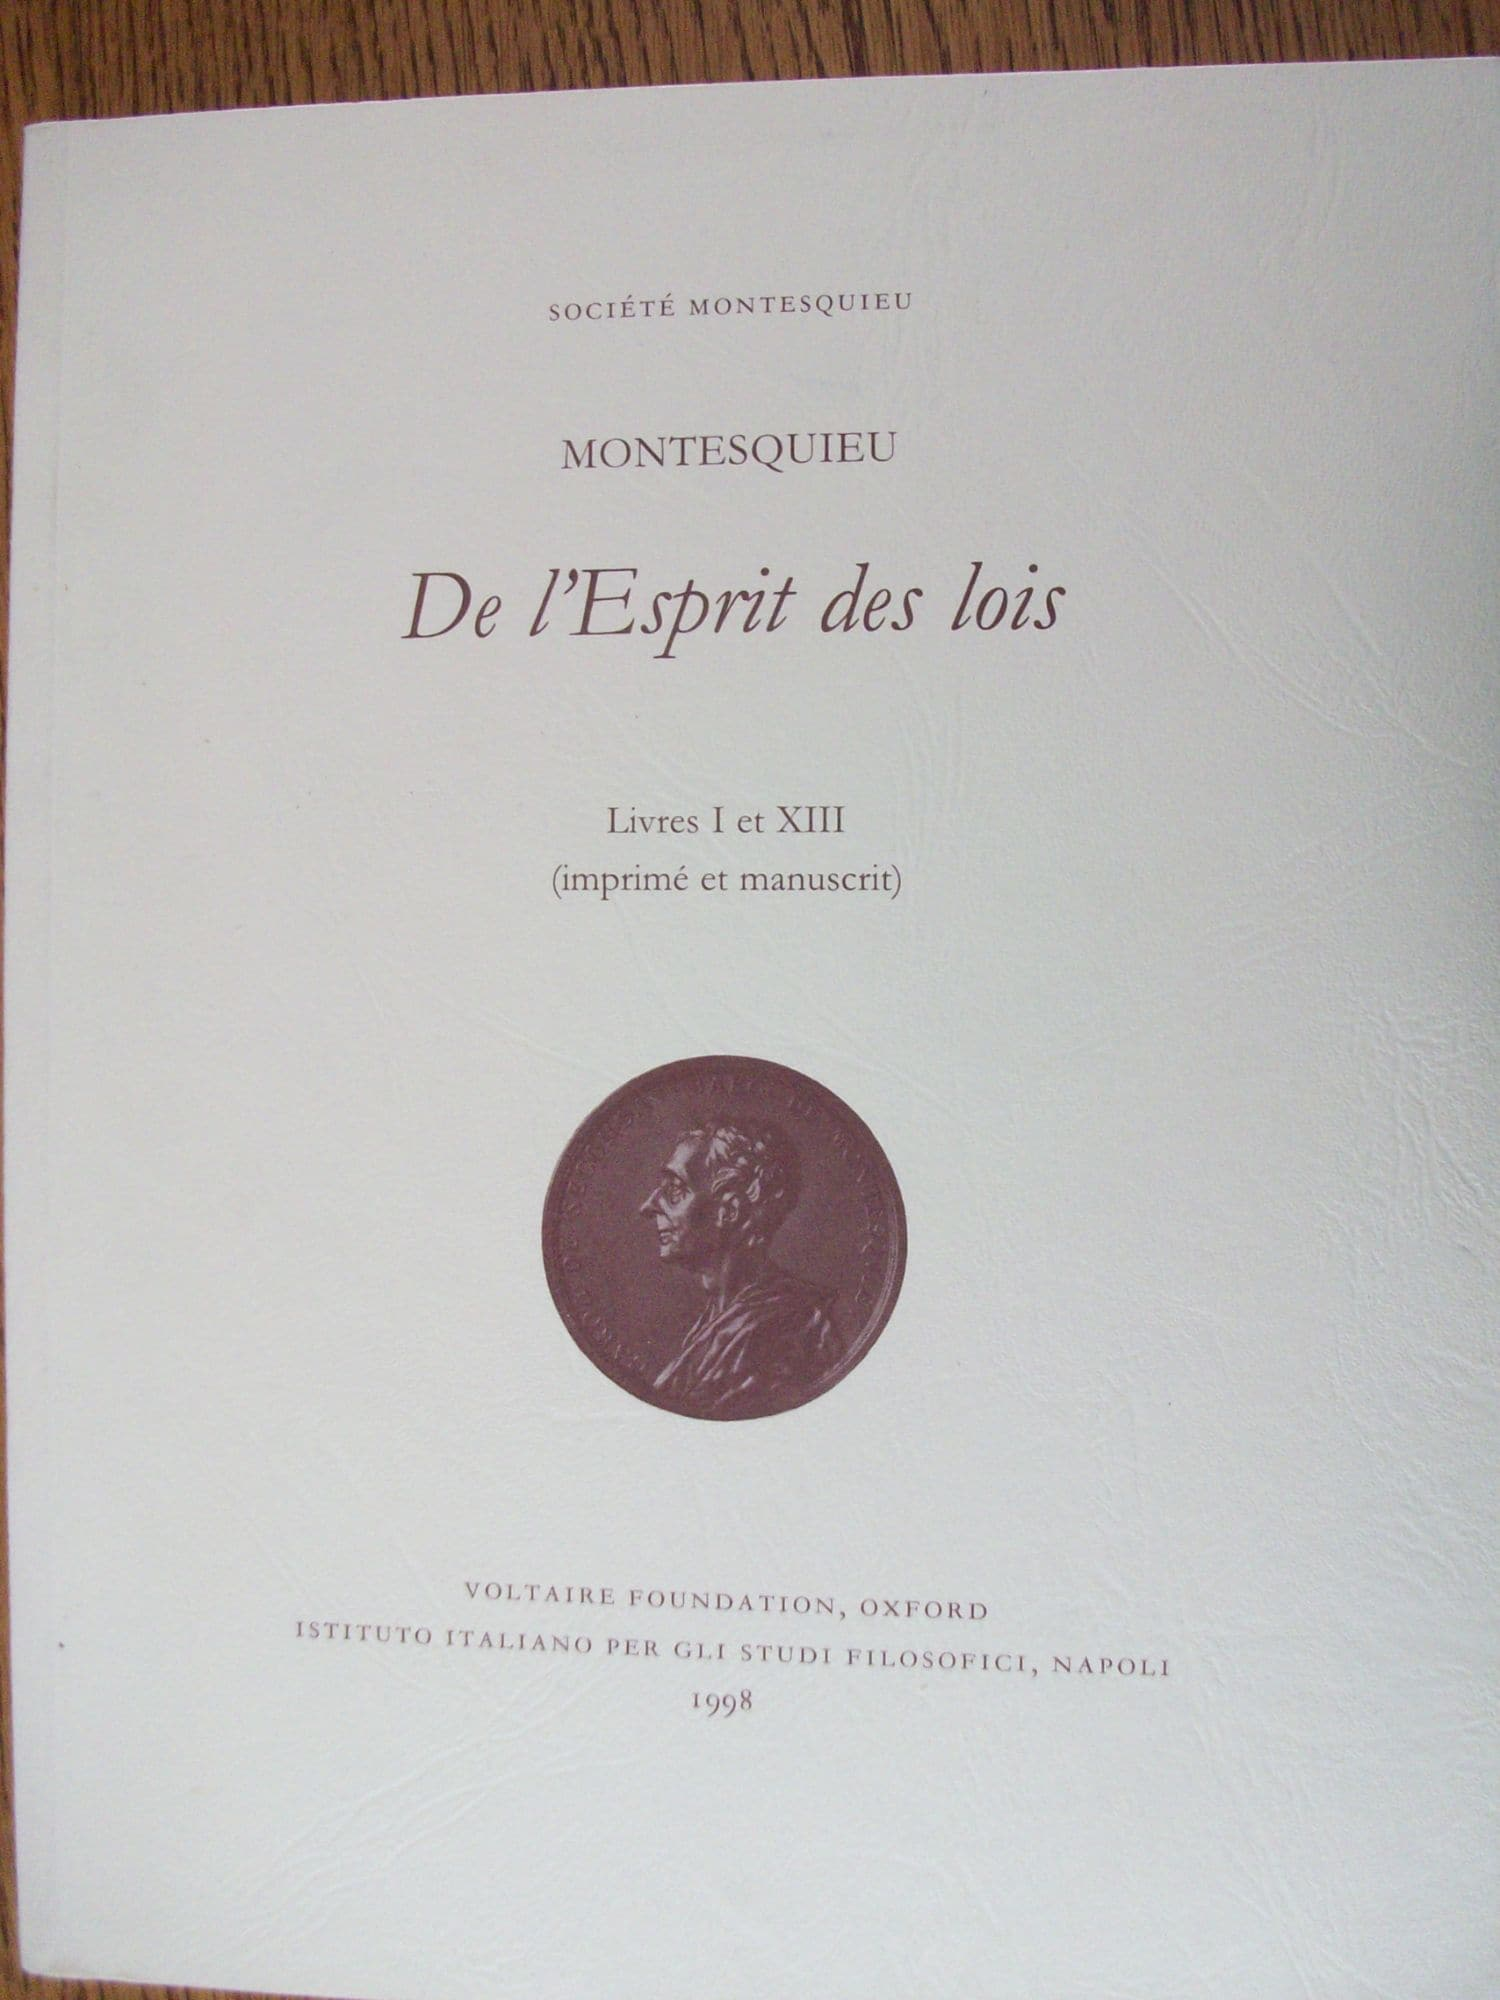 De l'Esprit des Lois (Edition Partielle) Livres I et XIII (Imprime et Manuscrit) - Voltaire Foundation - 01/10/1998